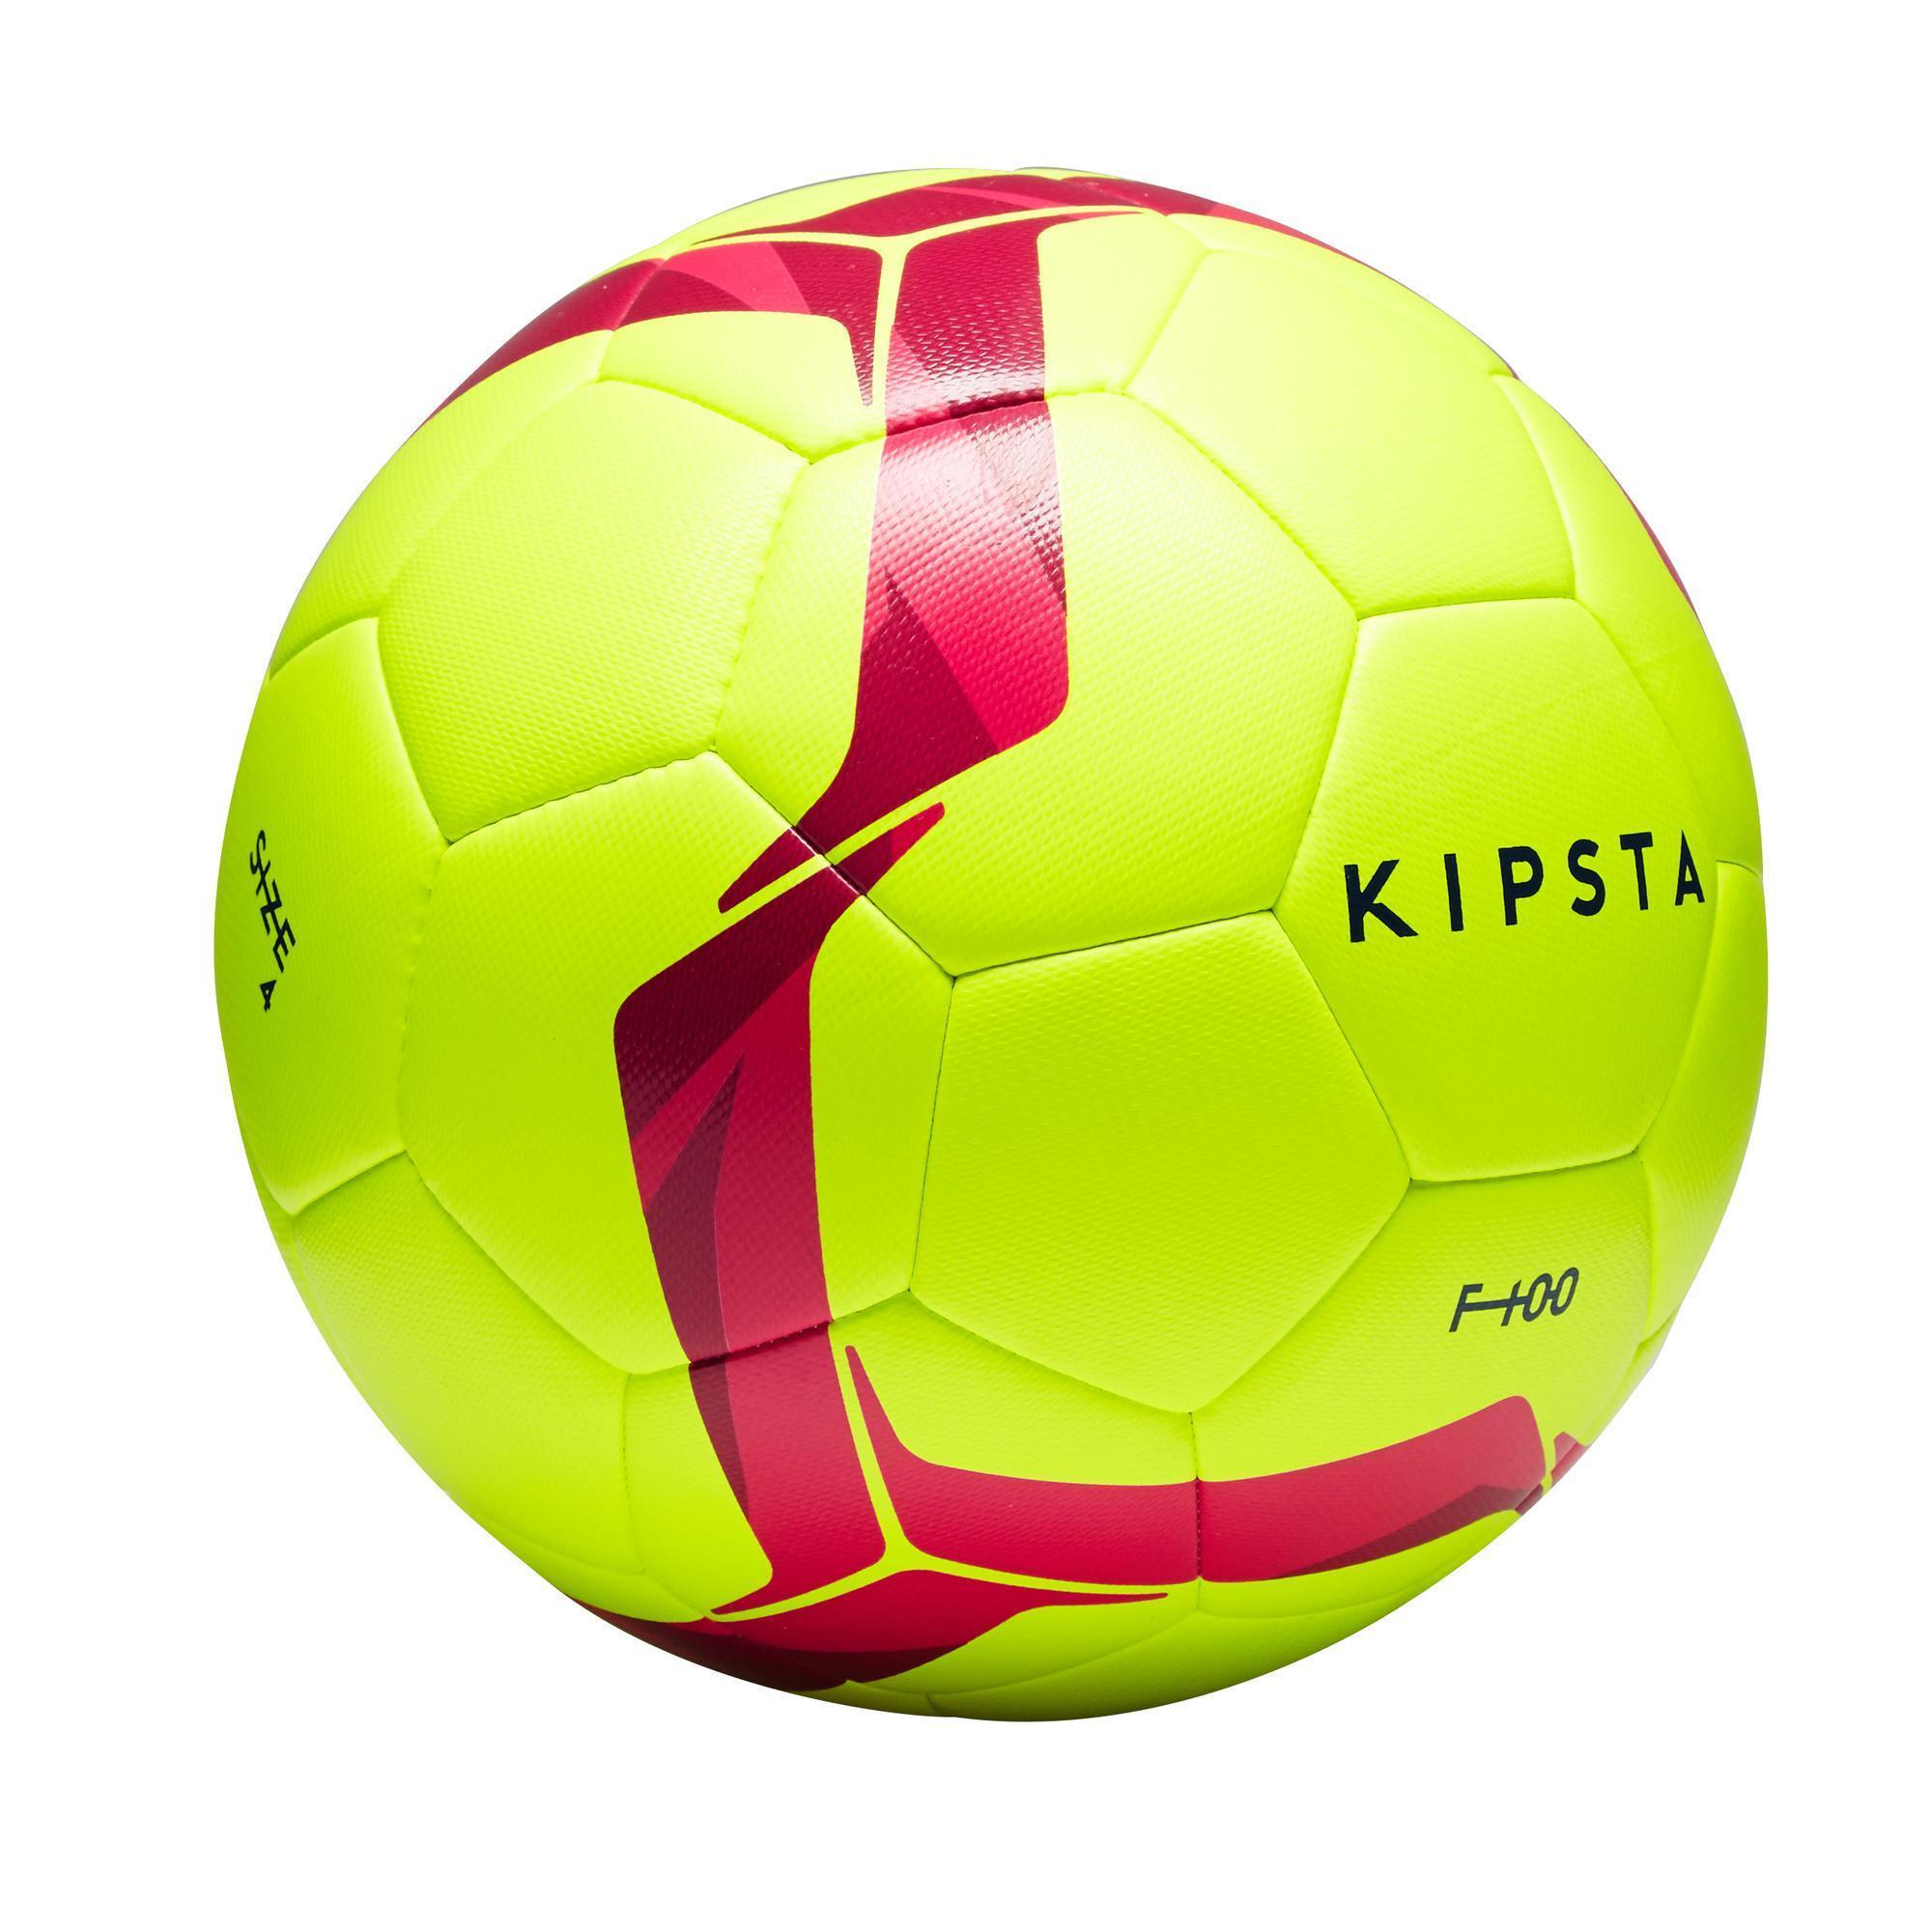 000a00638aa0a Imagenes De Pelotas De Futbol Nuevo 35 Best Balones De Futbol Images